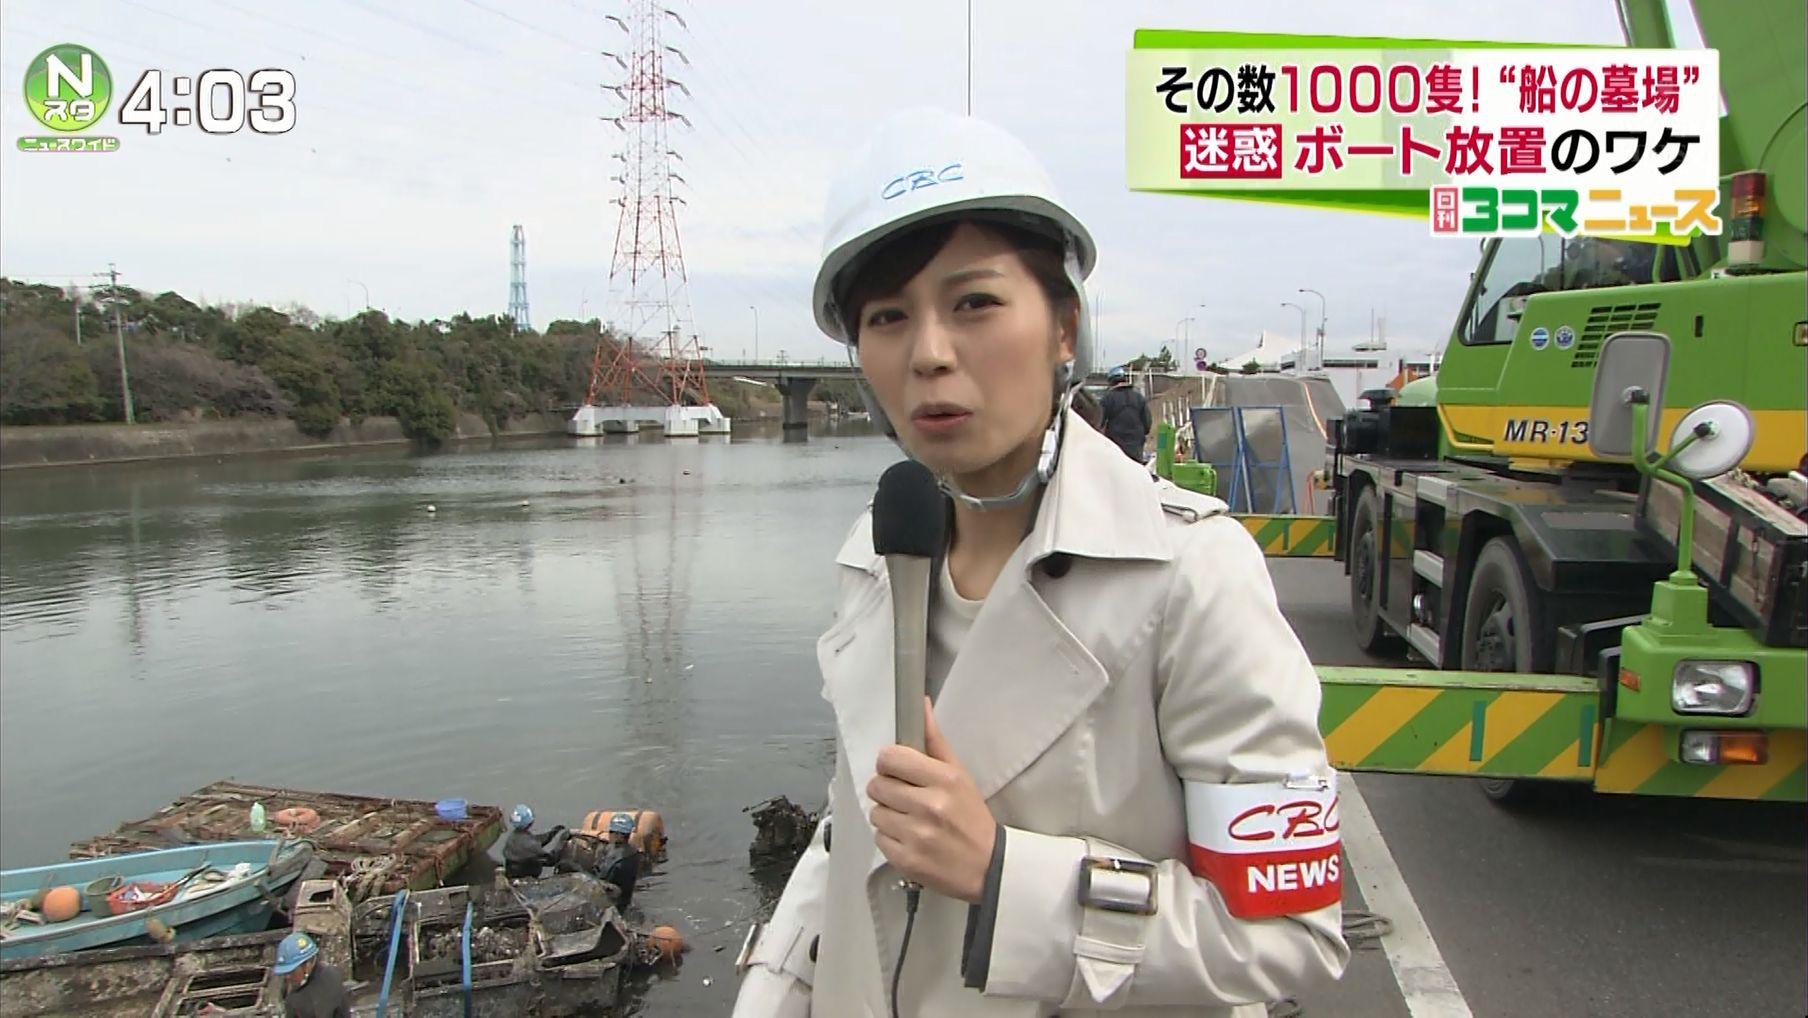 柳沢彩美の画像 p1_34